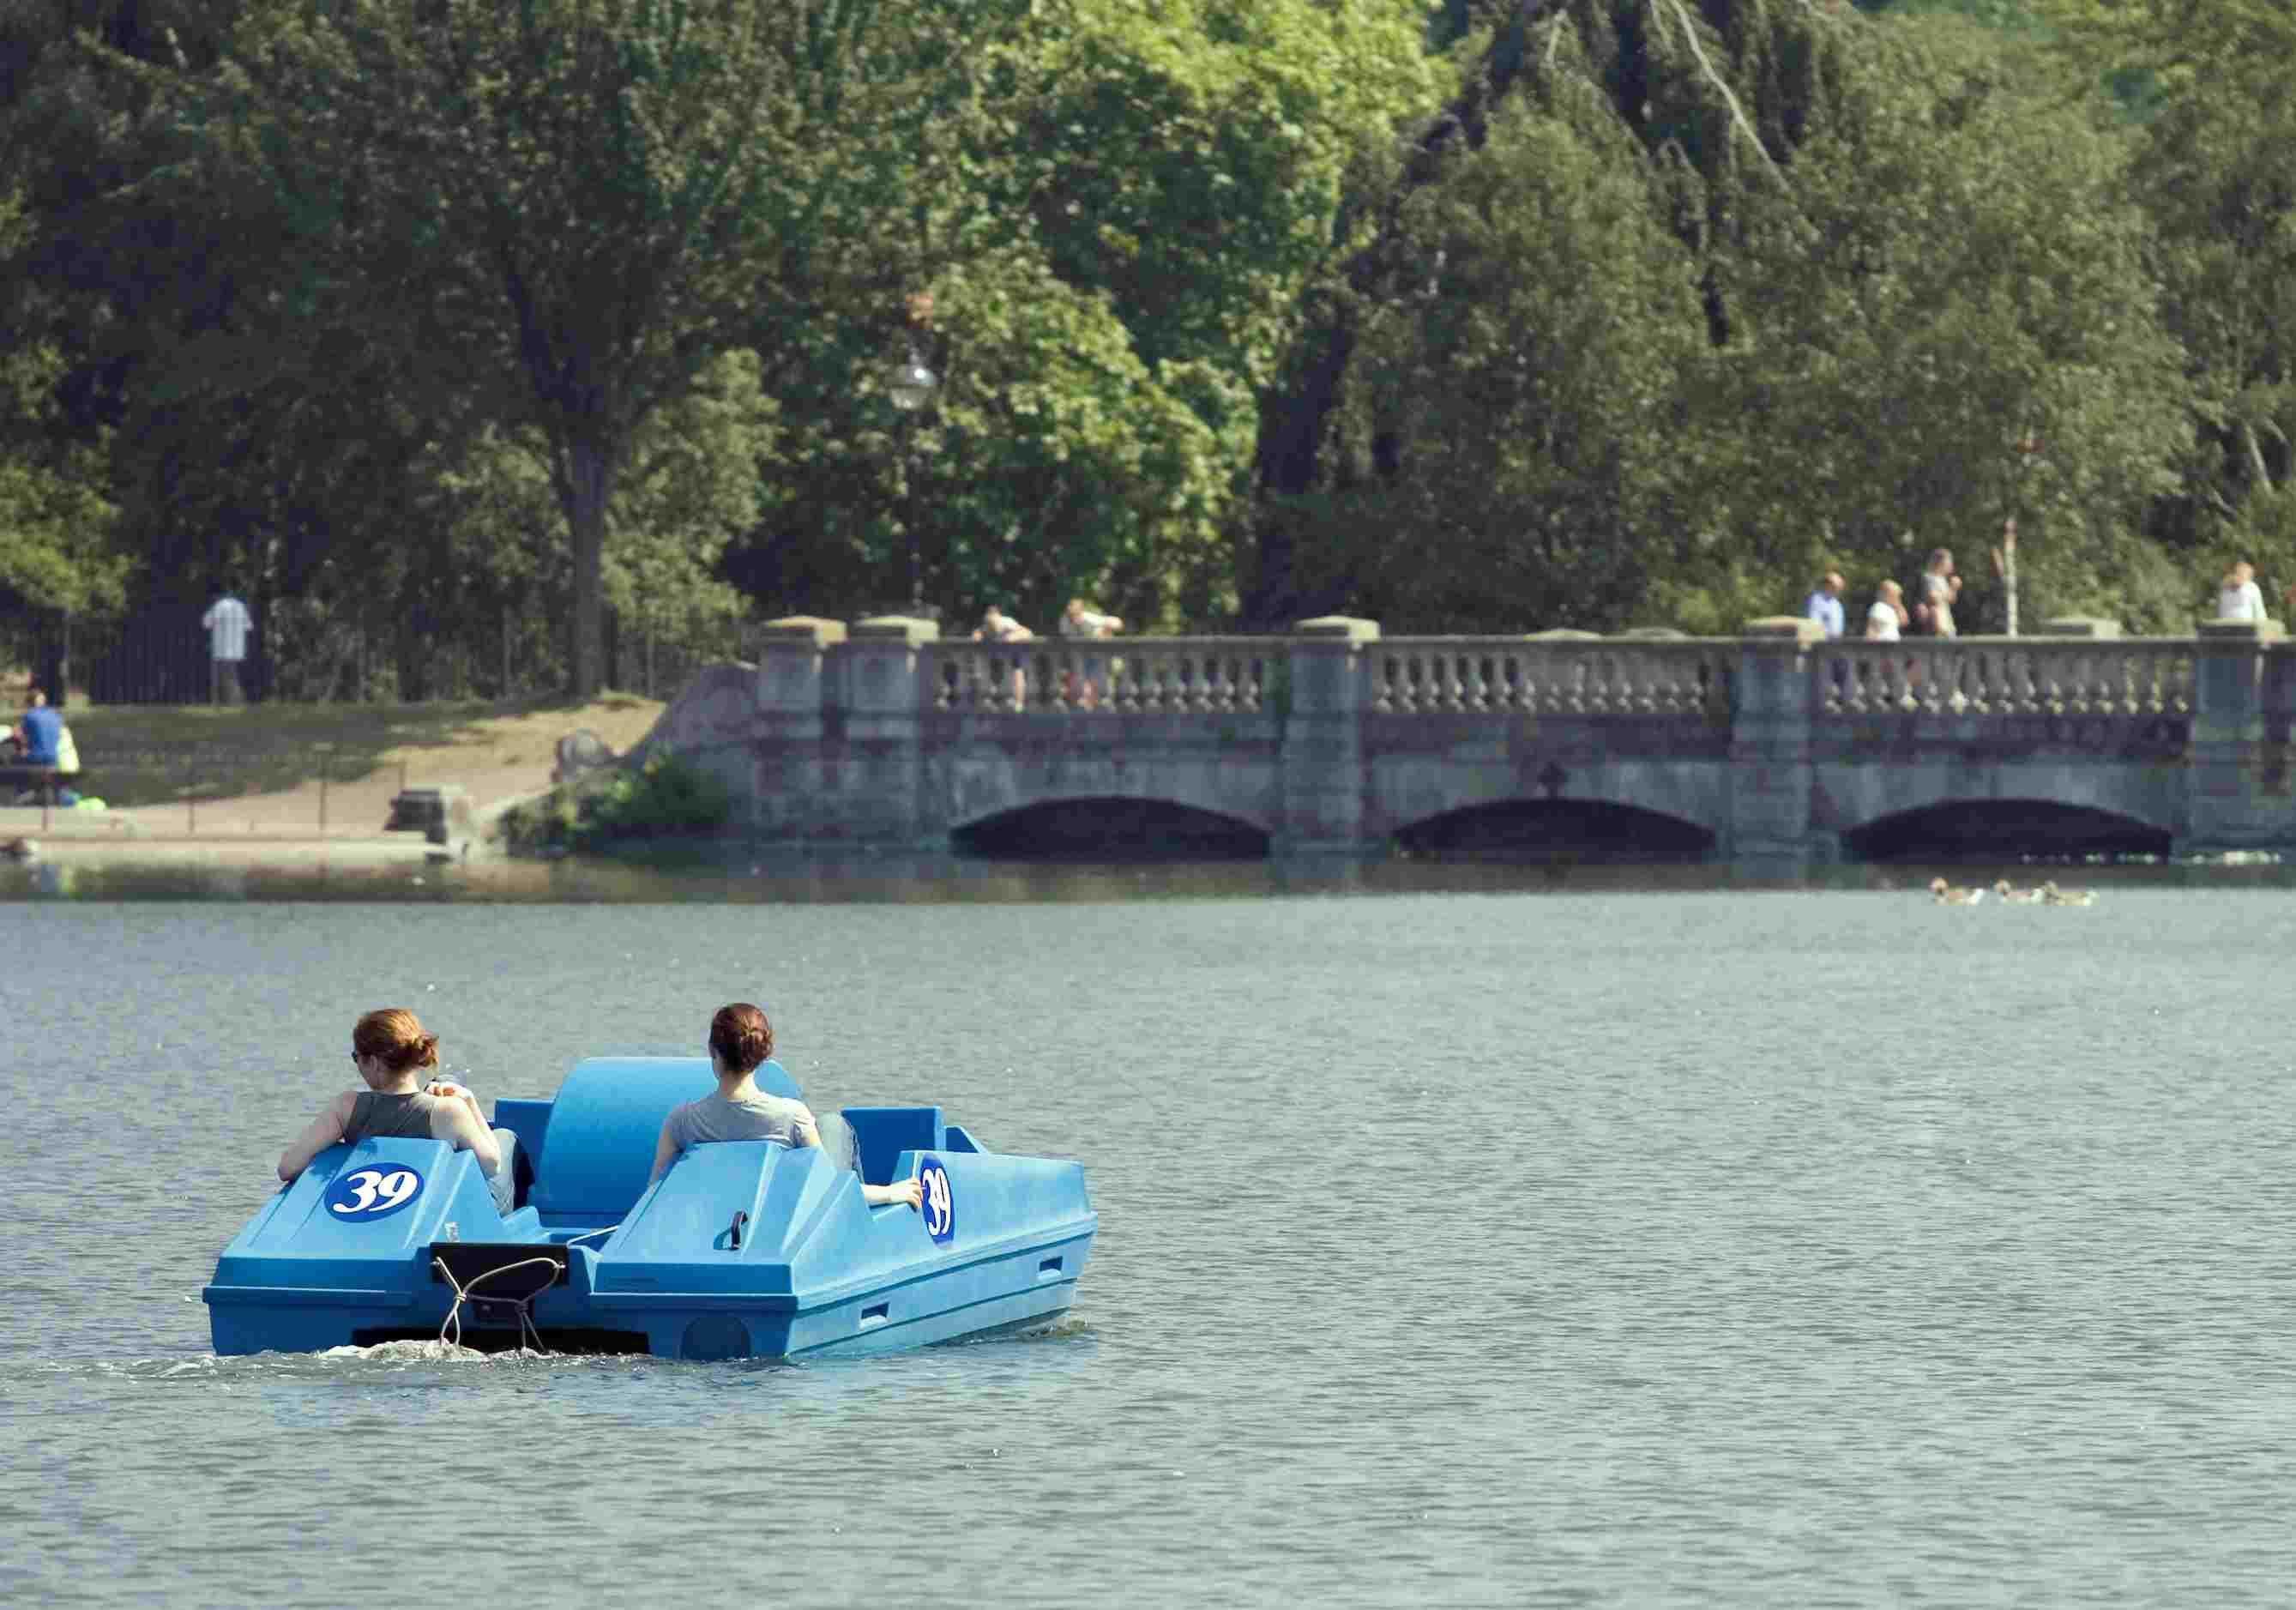 La gente rema en bote en Hyde Park en Los Ángeles, California